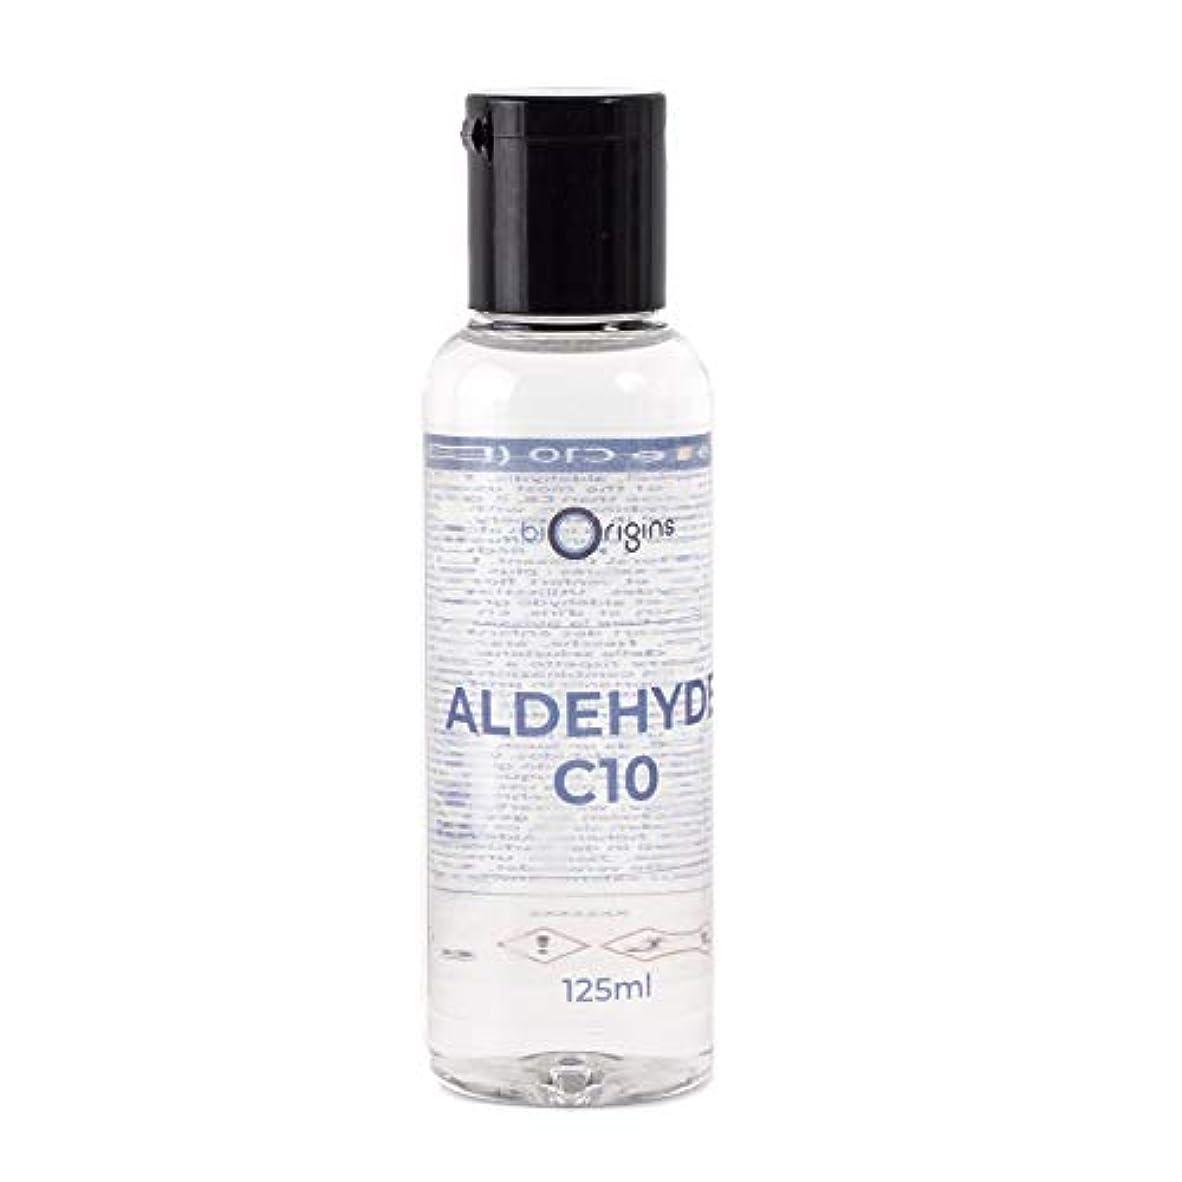 汗音声学試みMystic Moments | Aldehyde C10 (Decanal) - 125ml